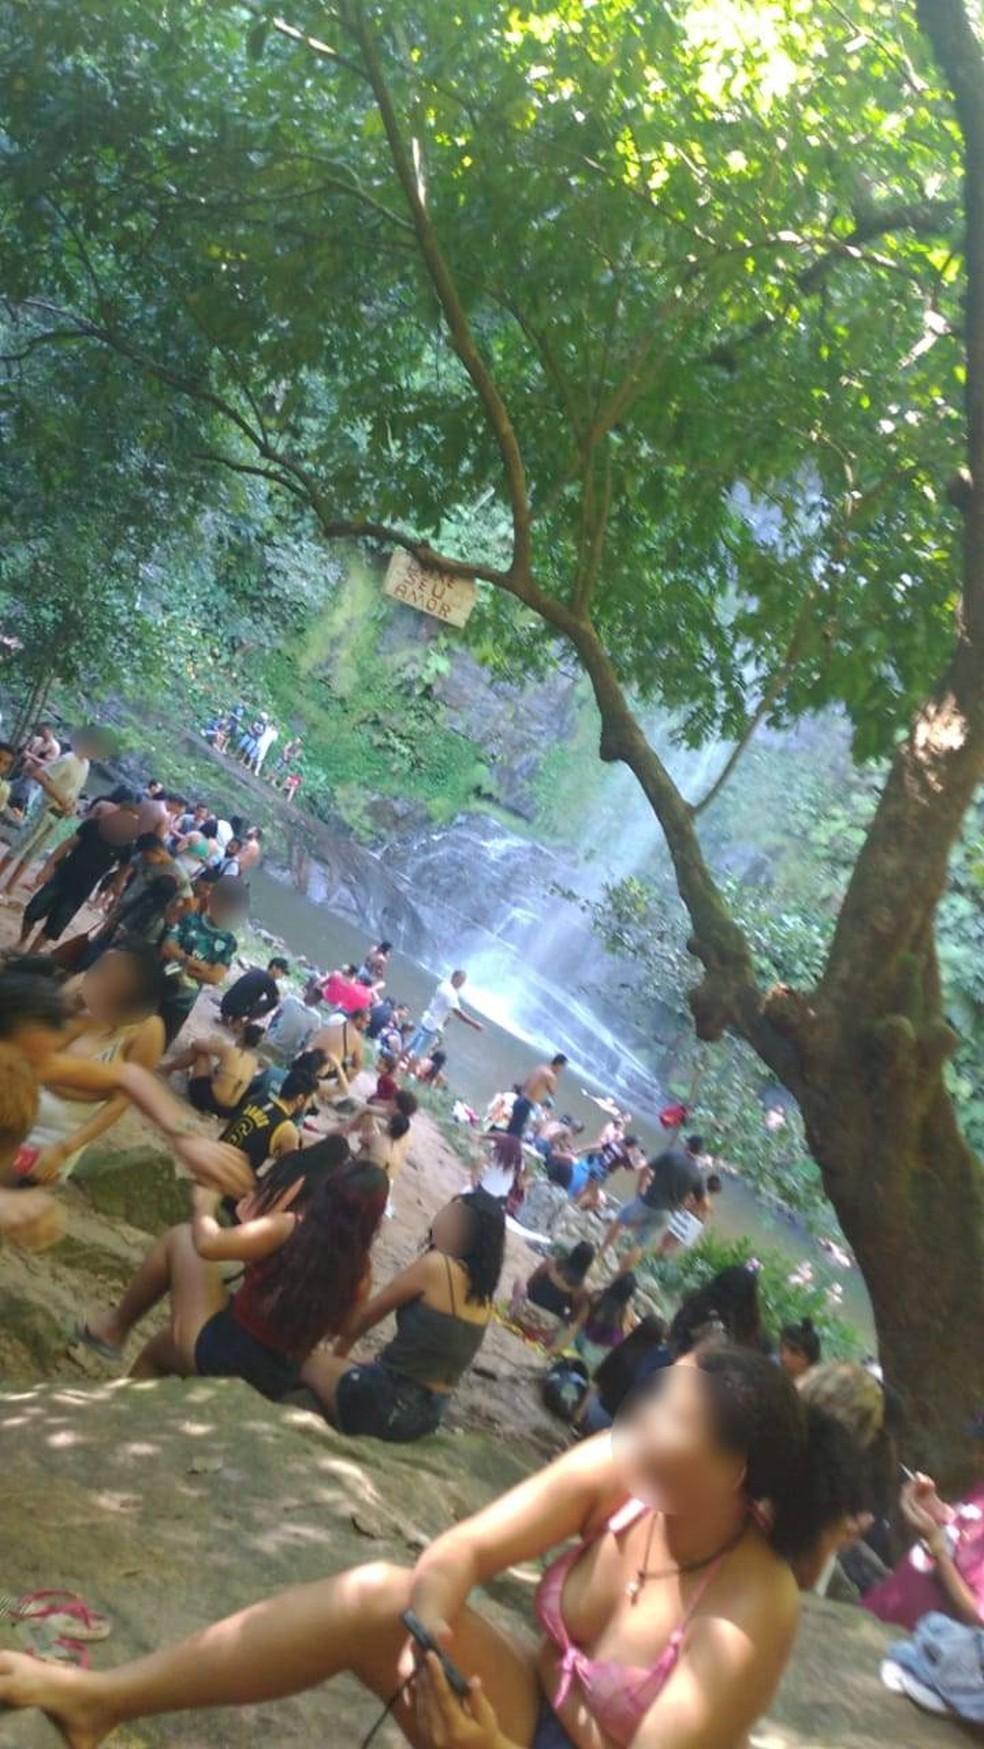 No fim de semana a Defesa Civil flagrou uma grande aglomeração no local, com inúmeras pessoas sem máscara na cachoeira do Parque da Serra Azul — Foto: Divulgação